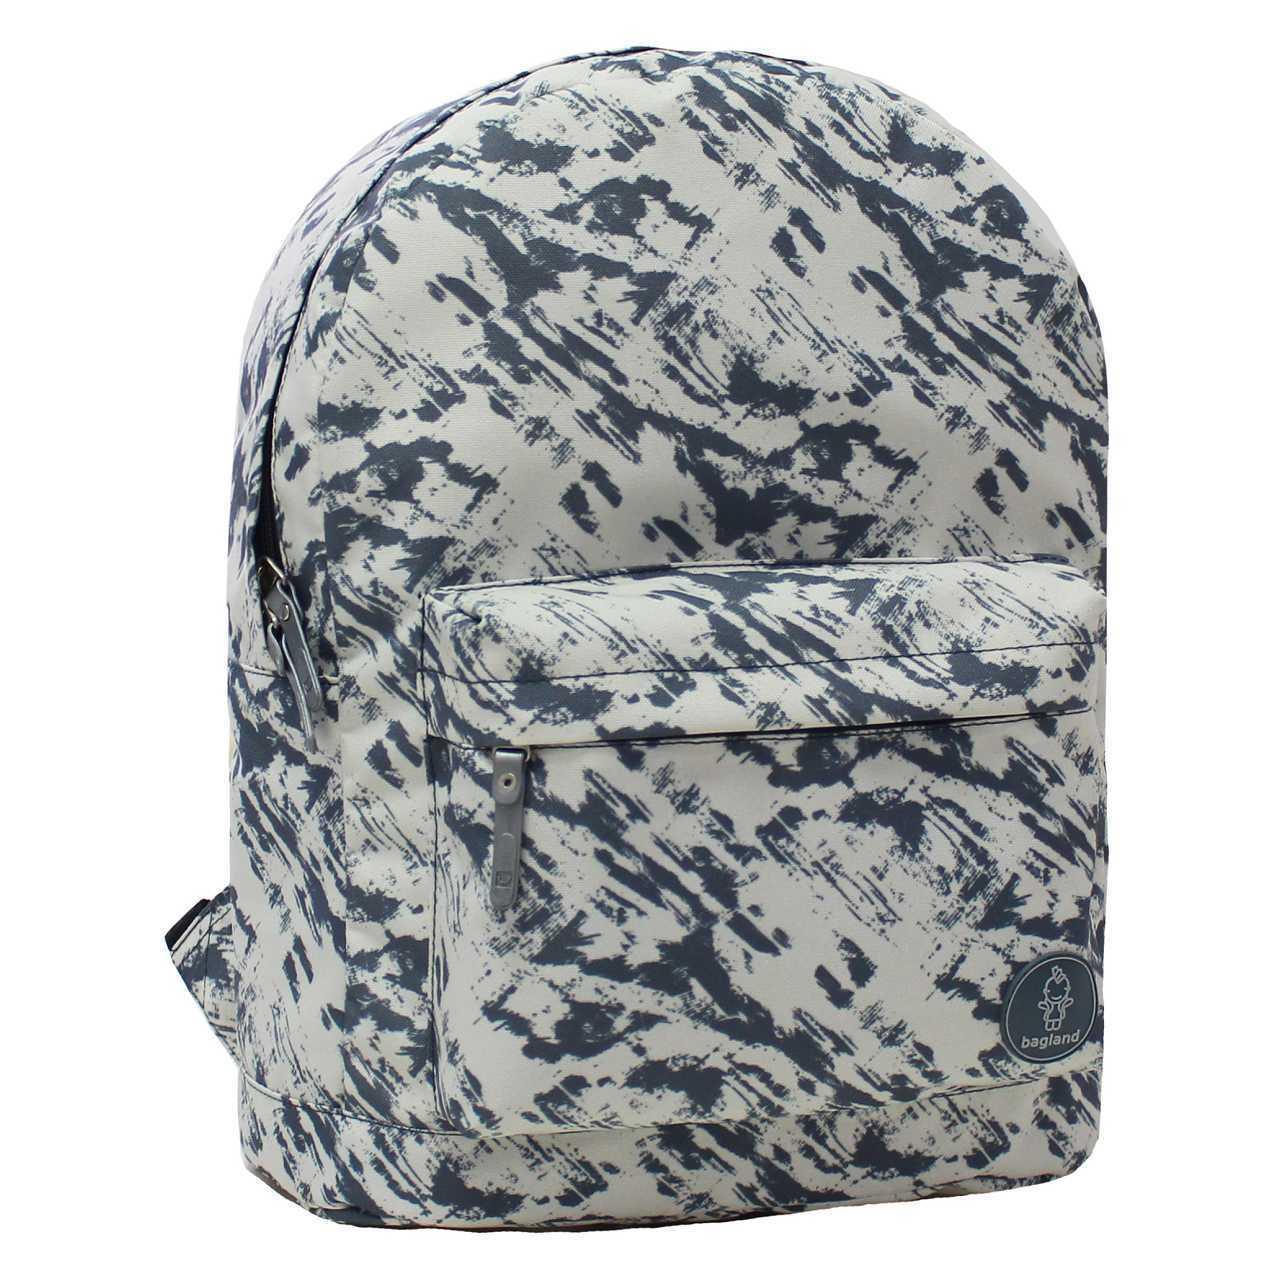 Городские рюкзаки Рюкзак Bagland Молодежный (дизайн) 17 л. сублімація 87 (00533664) IMG_5778.jpg